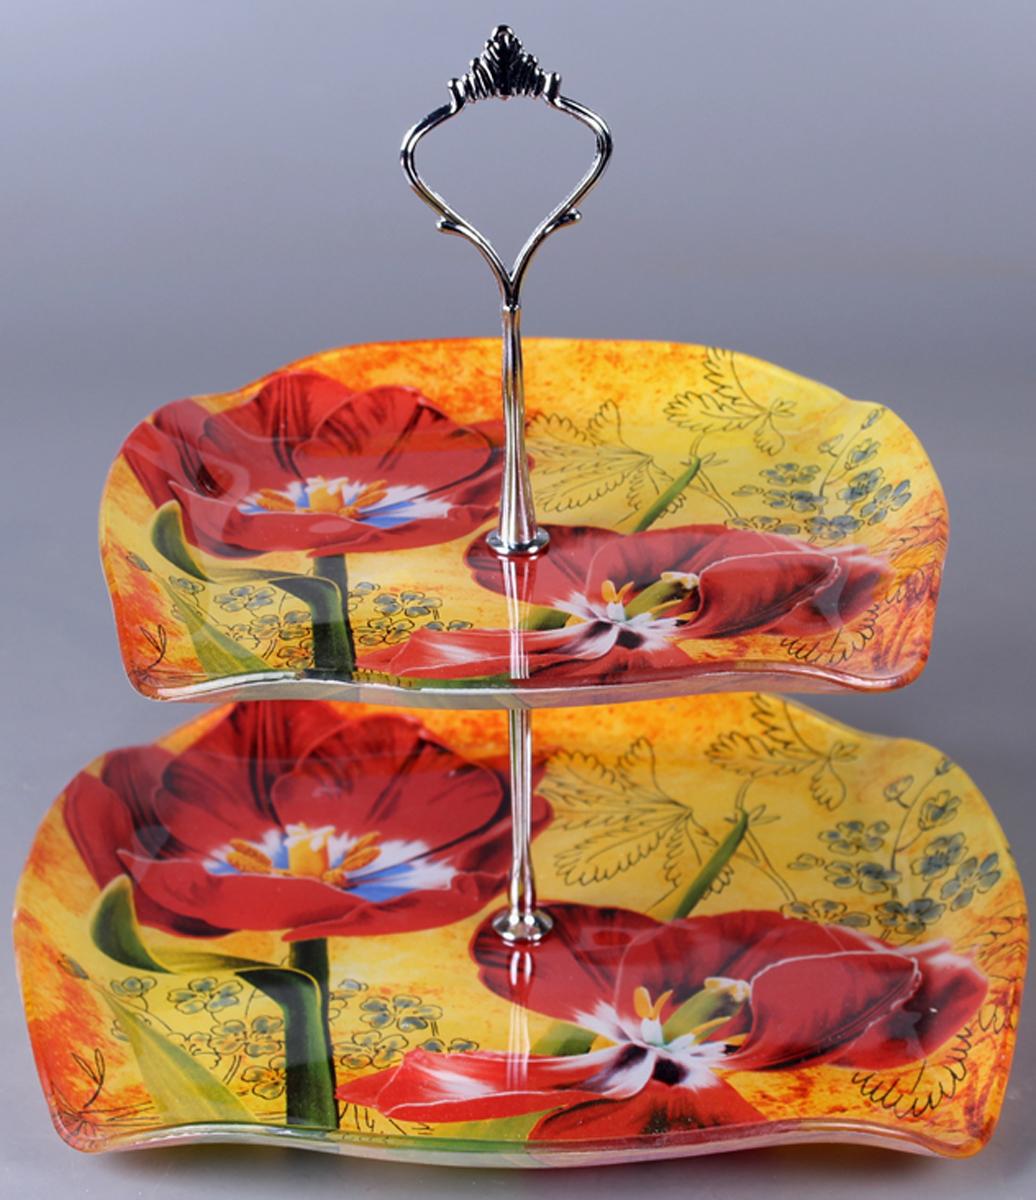 Фруктовница Olaff Цветы, 2 яруса. ZY-MD-ECSE-849ZY-MD-ECSE-849Фруктовница 2-х ярусная, тарелки 21 см + 26 см, форма - квадратная фигурная